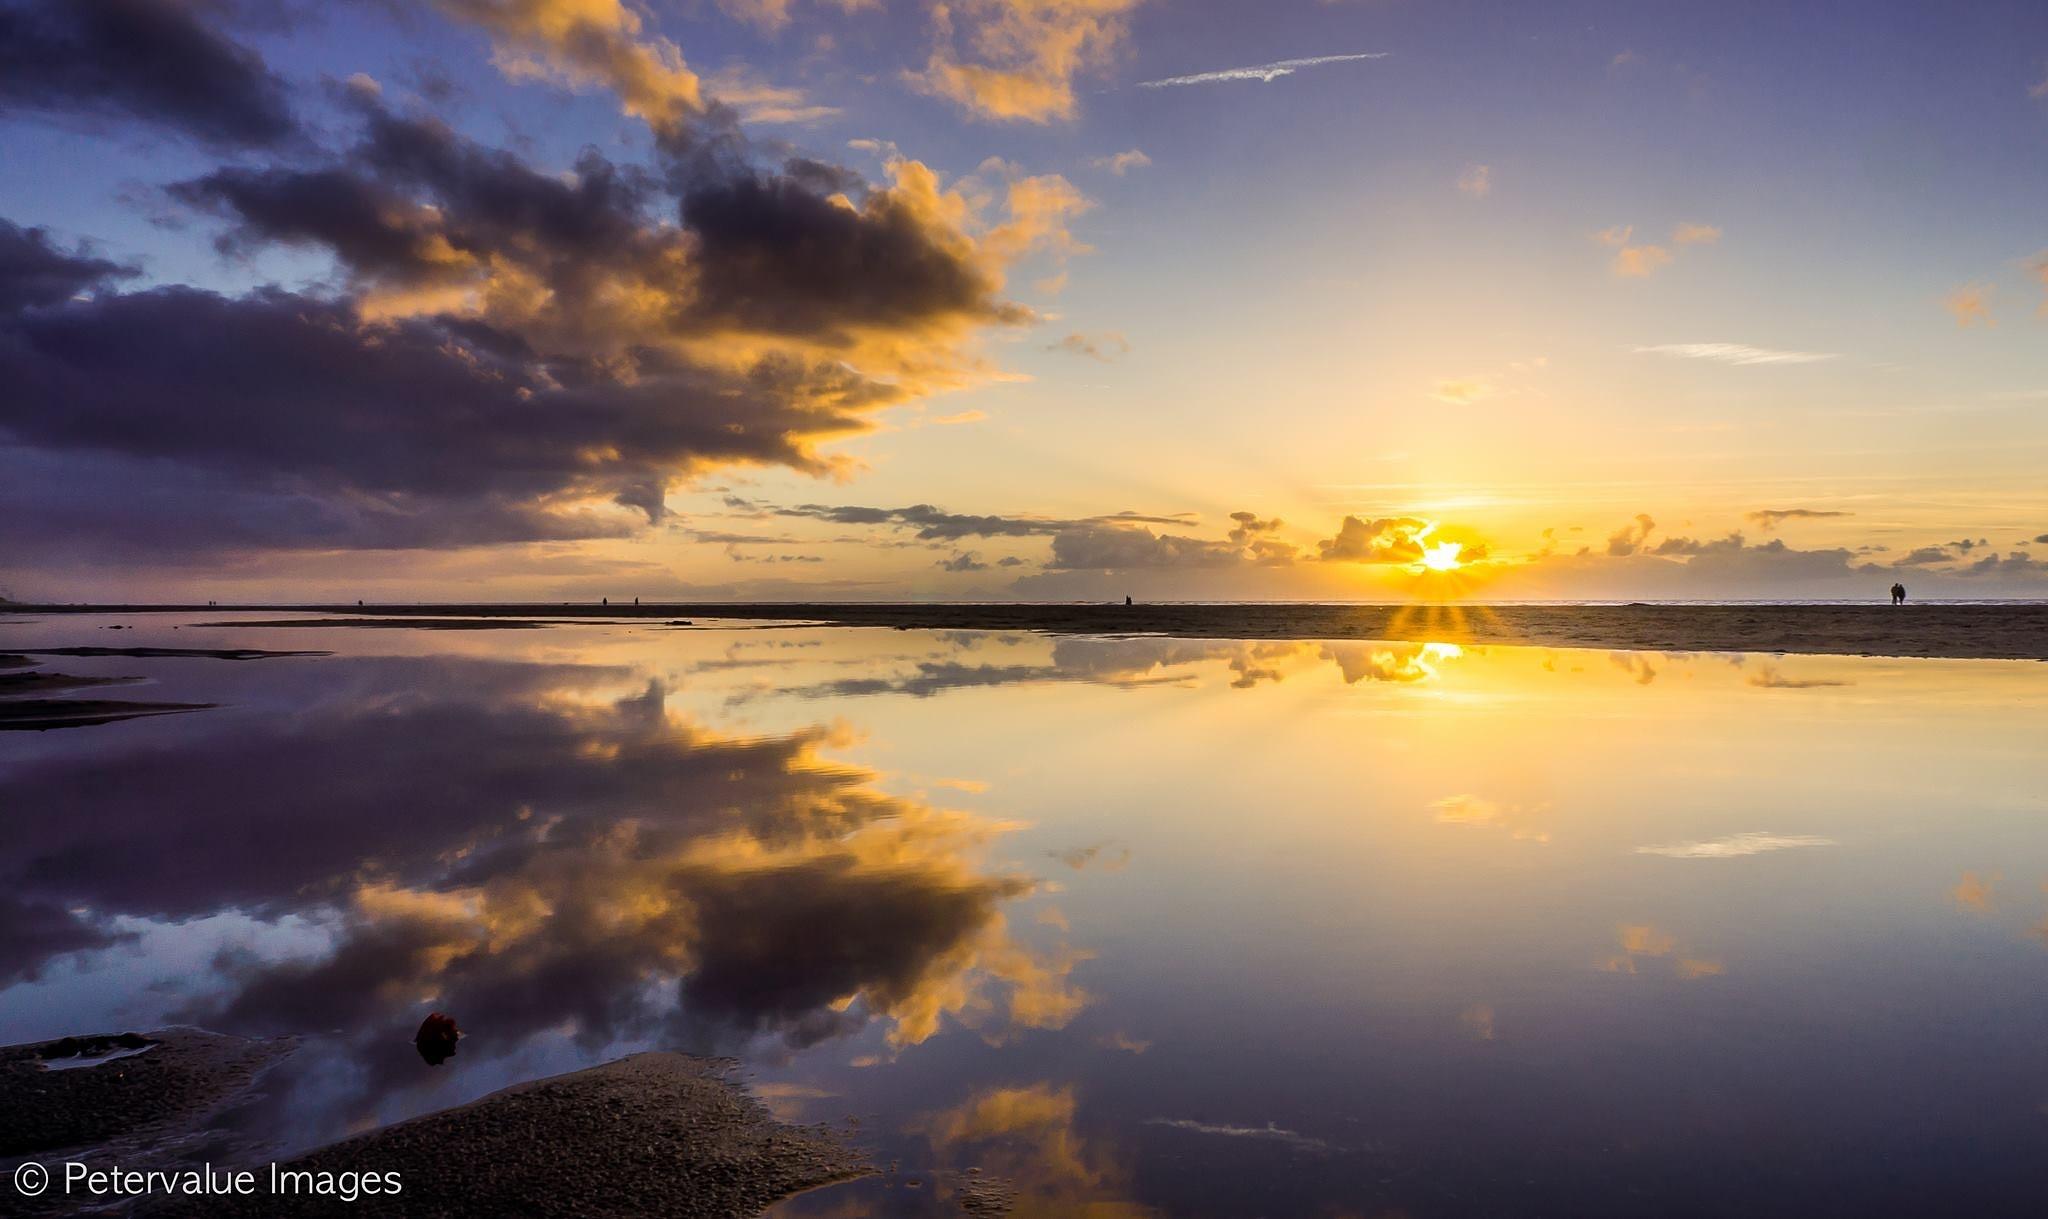 Reflection by Peter van der Waard